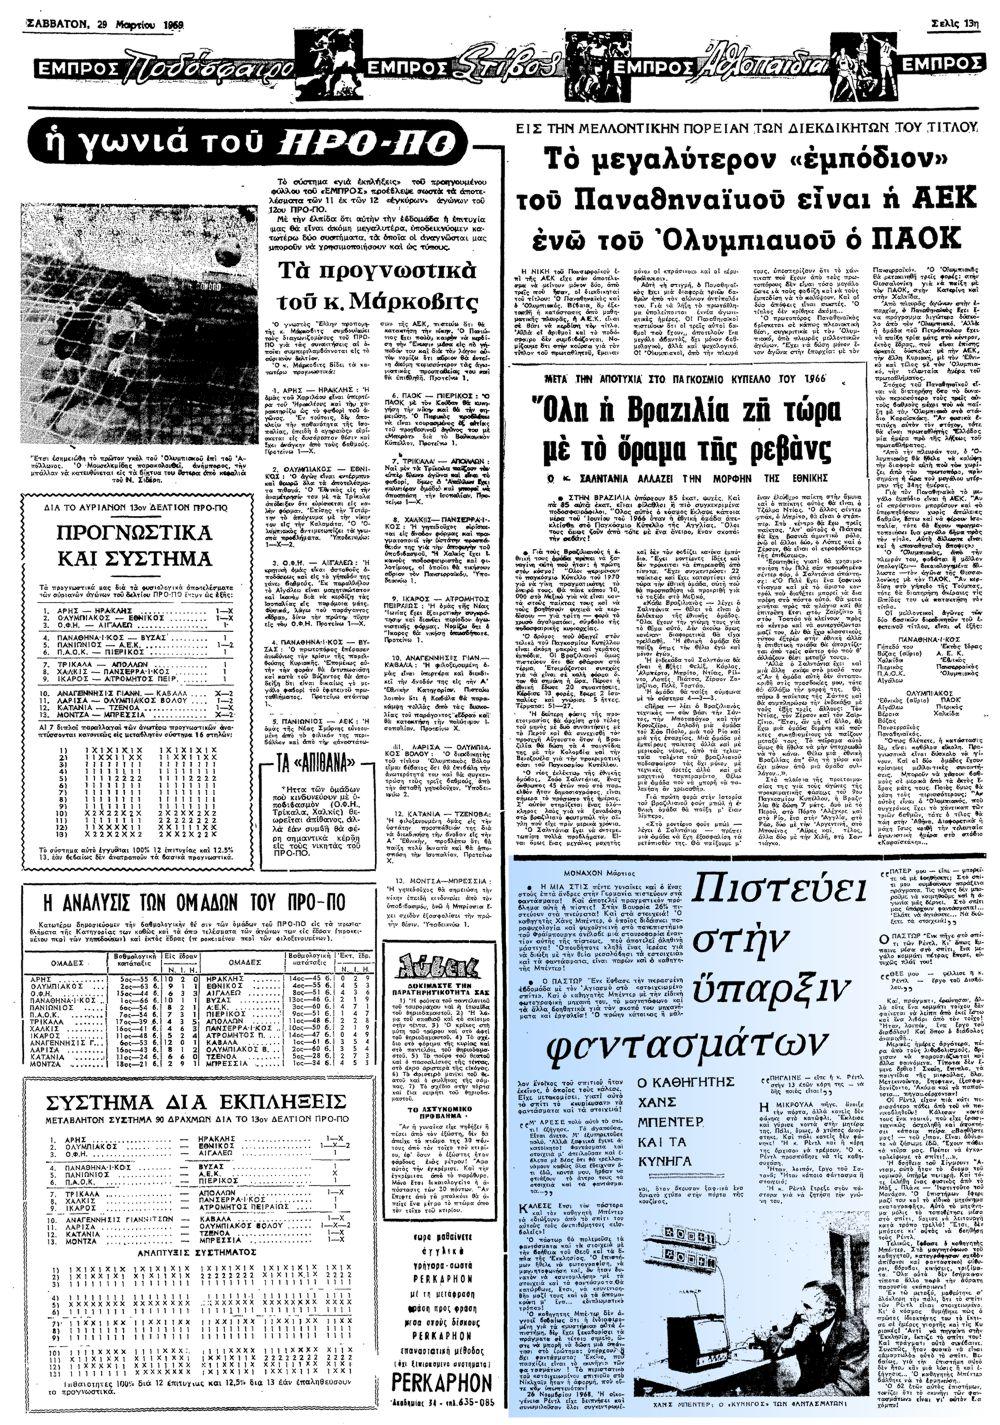 """Το άρθρο, όπως δημοσιεύθηκε στην εφημερίδα """"ΕΜΠΡΟΣ"""", στις 29/03/1969"""